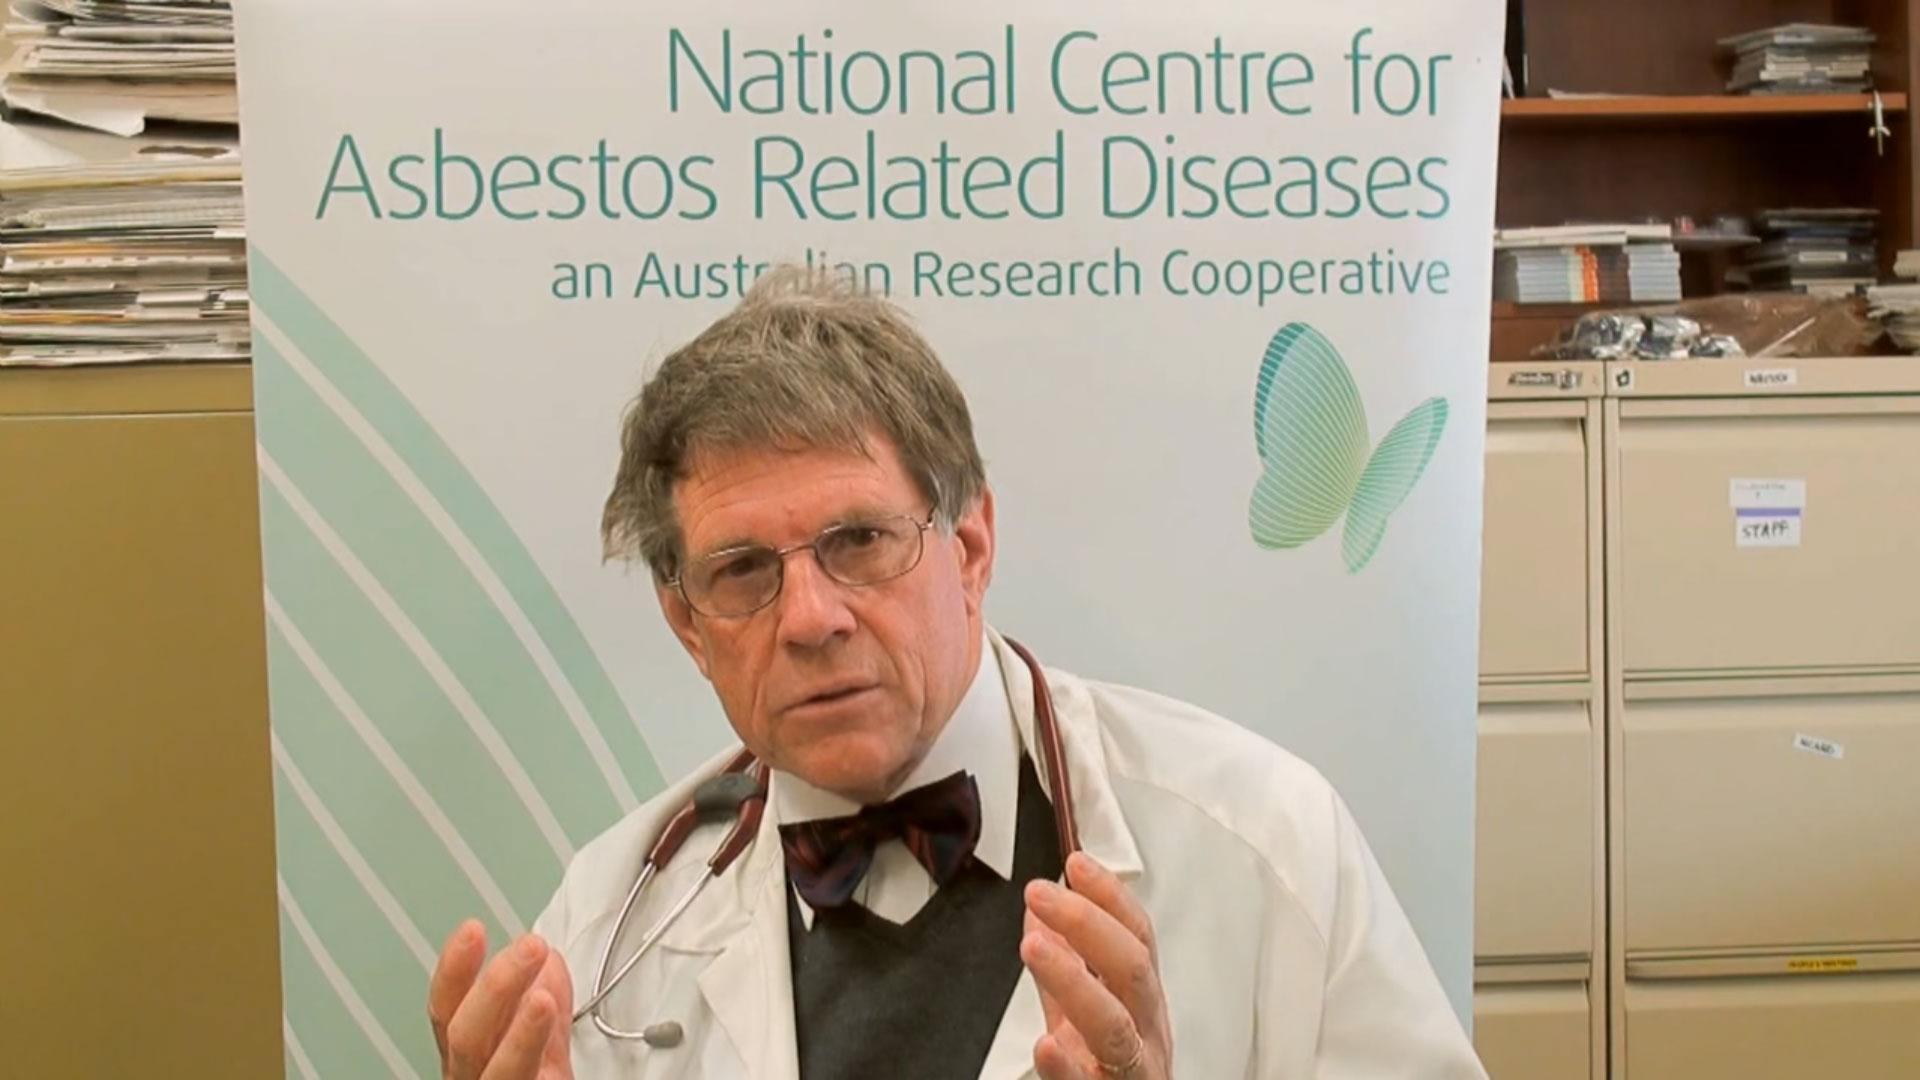 Bernie Banton Asbestos Mesothelioma Awareness Australia